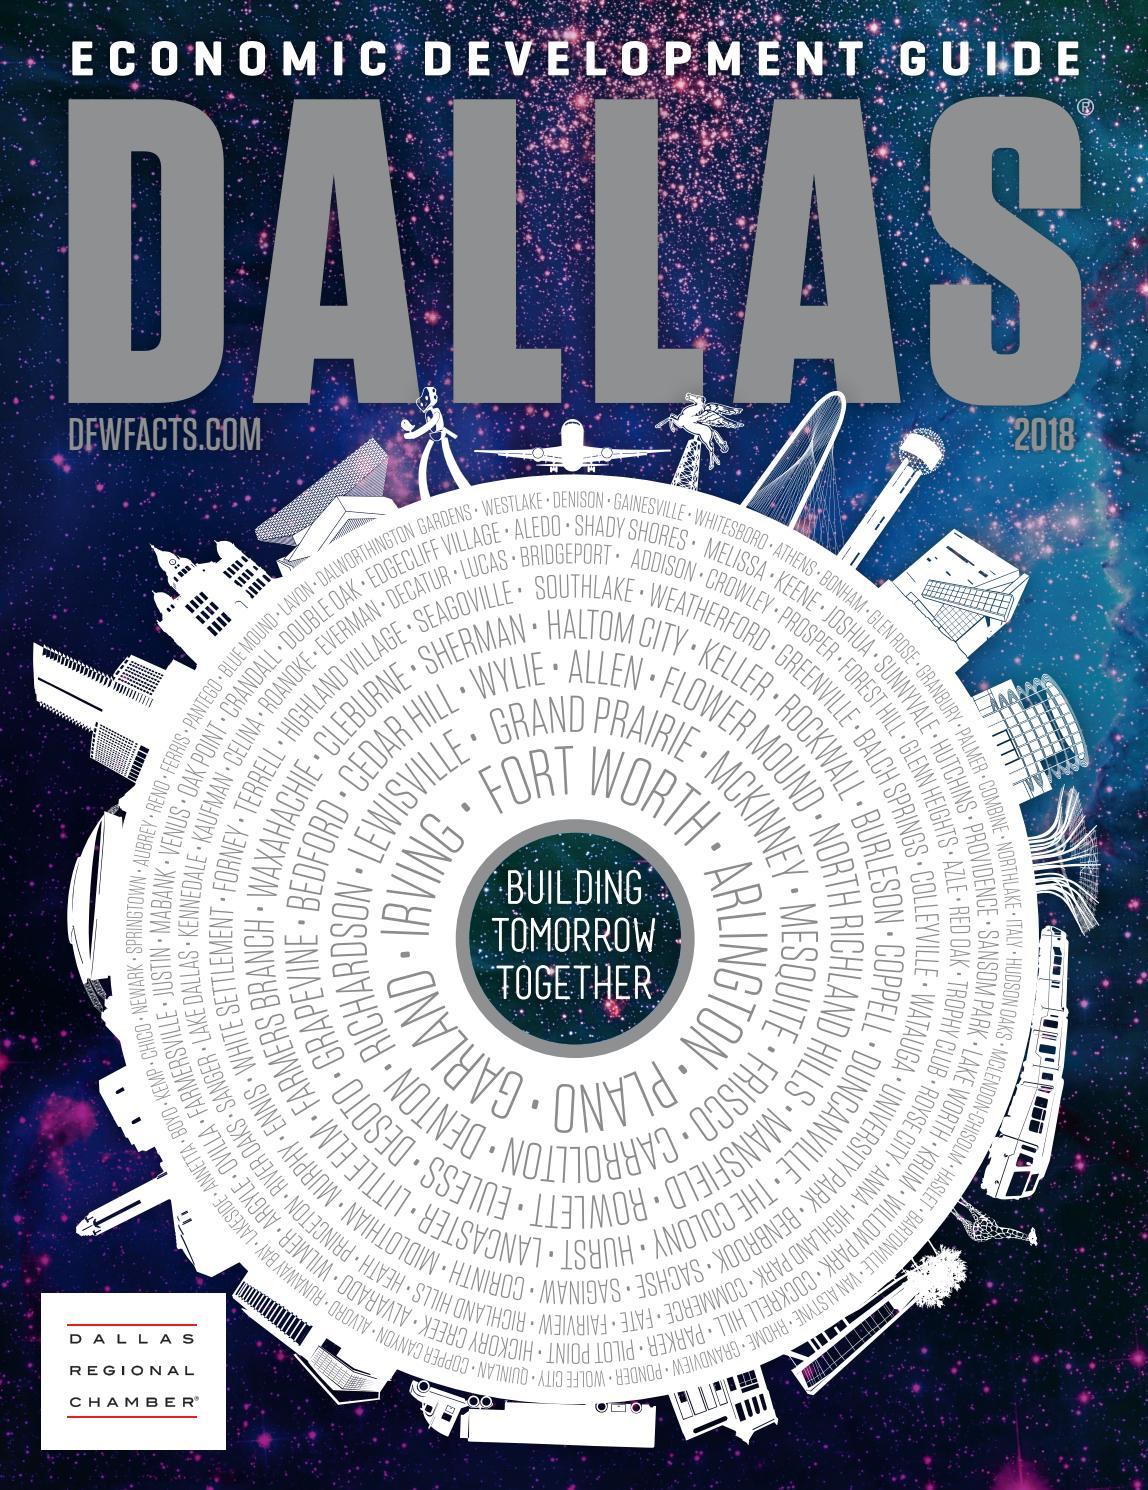 Dallas Economic Development Guide - 2018 by Dallas Regional